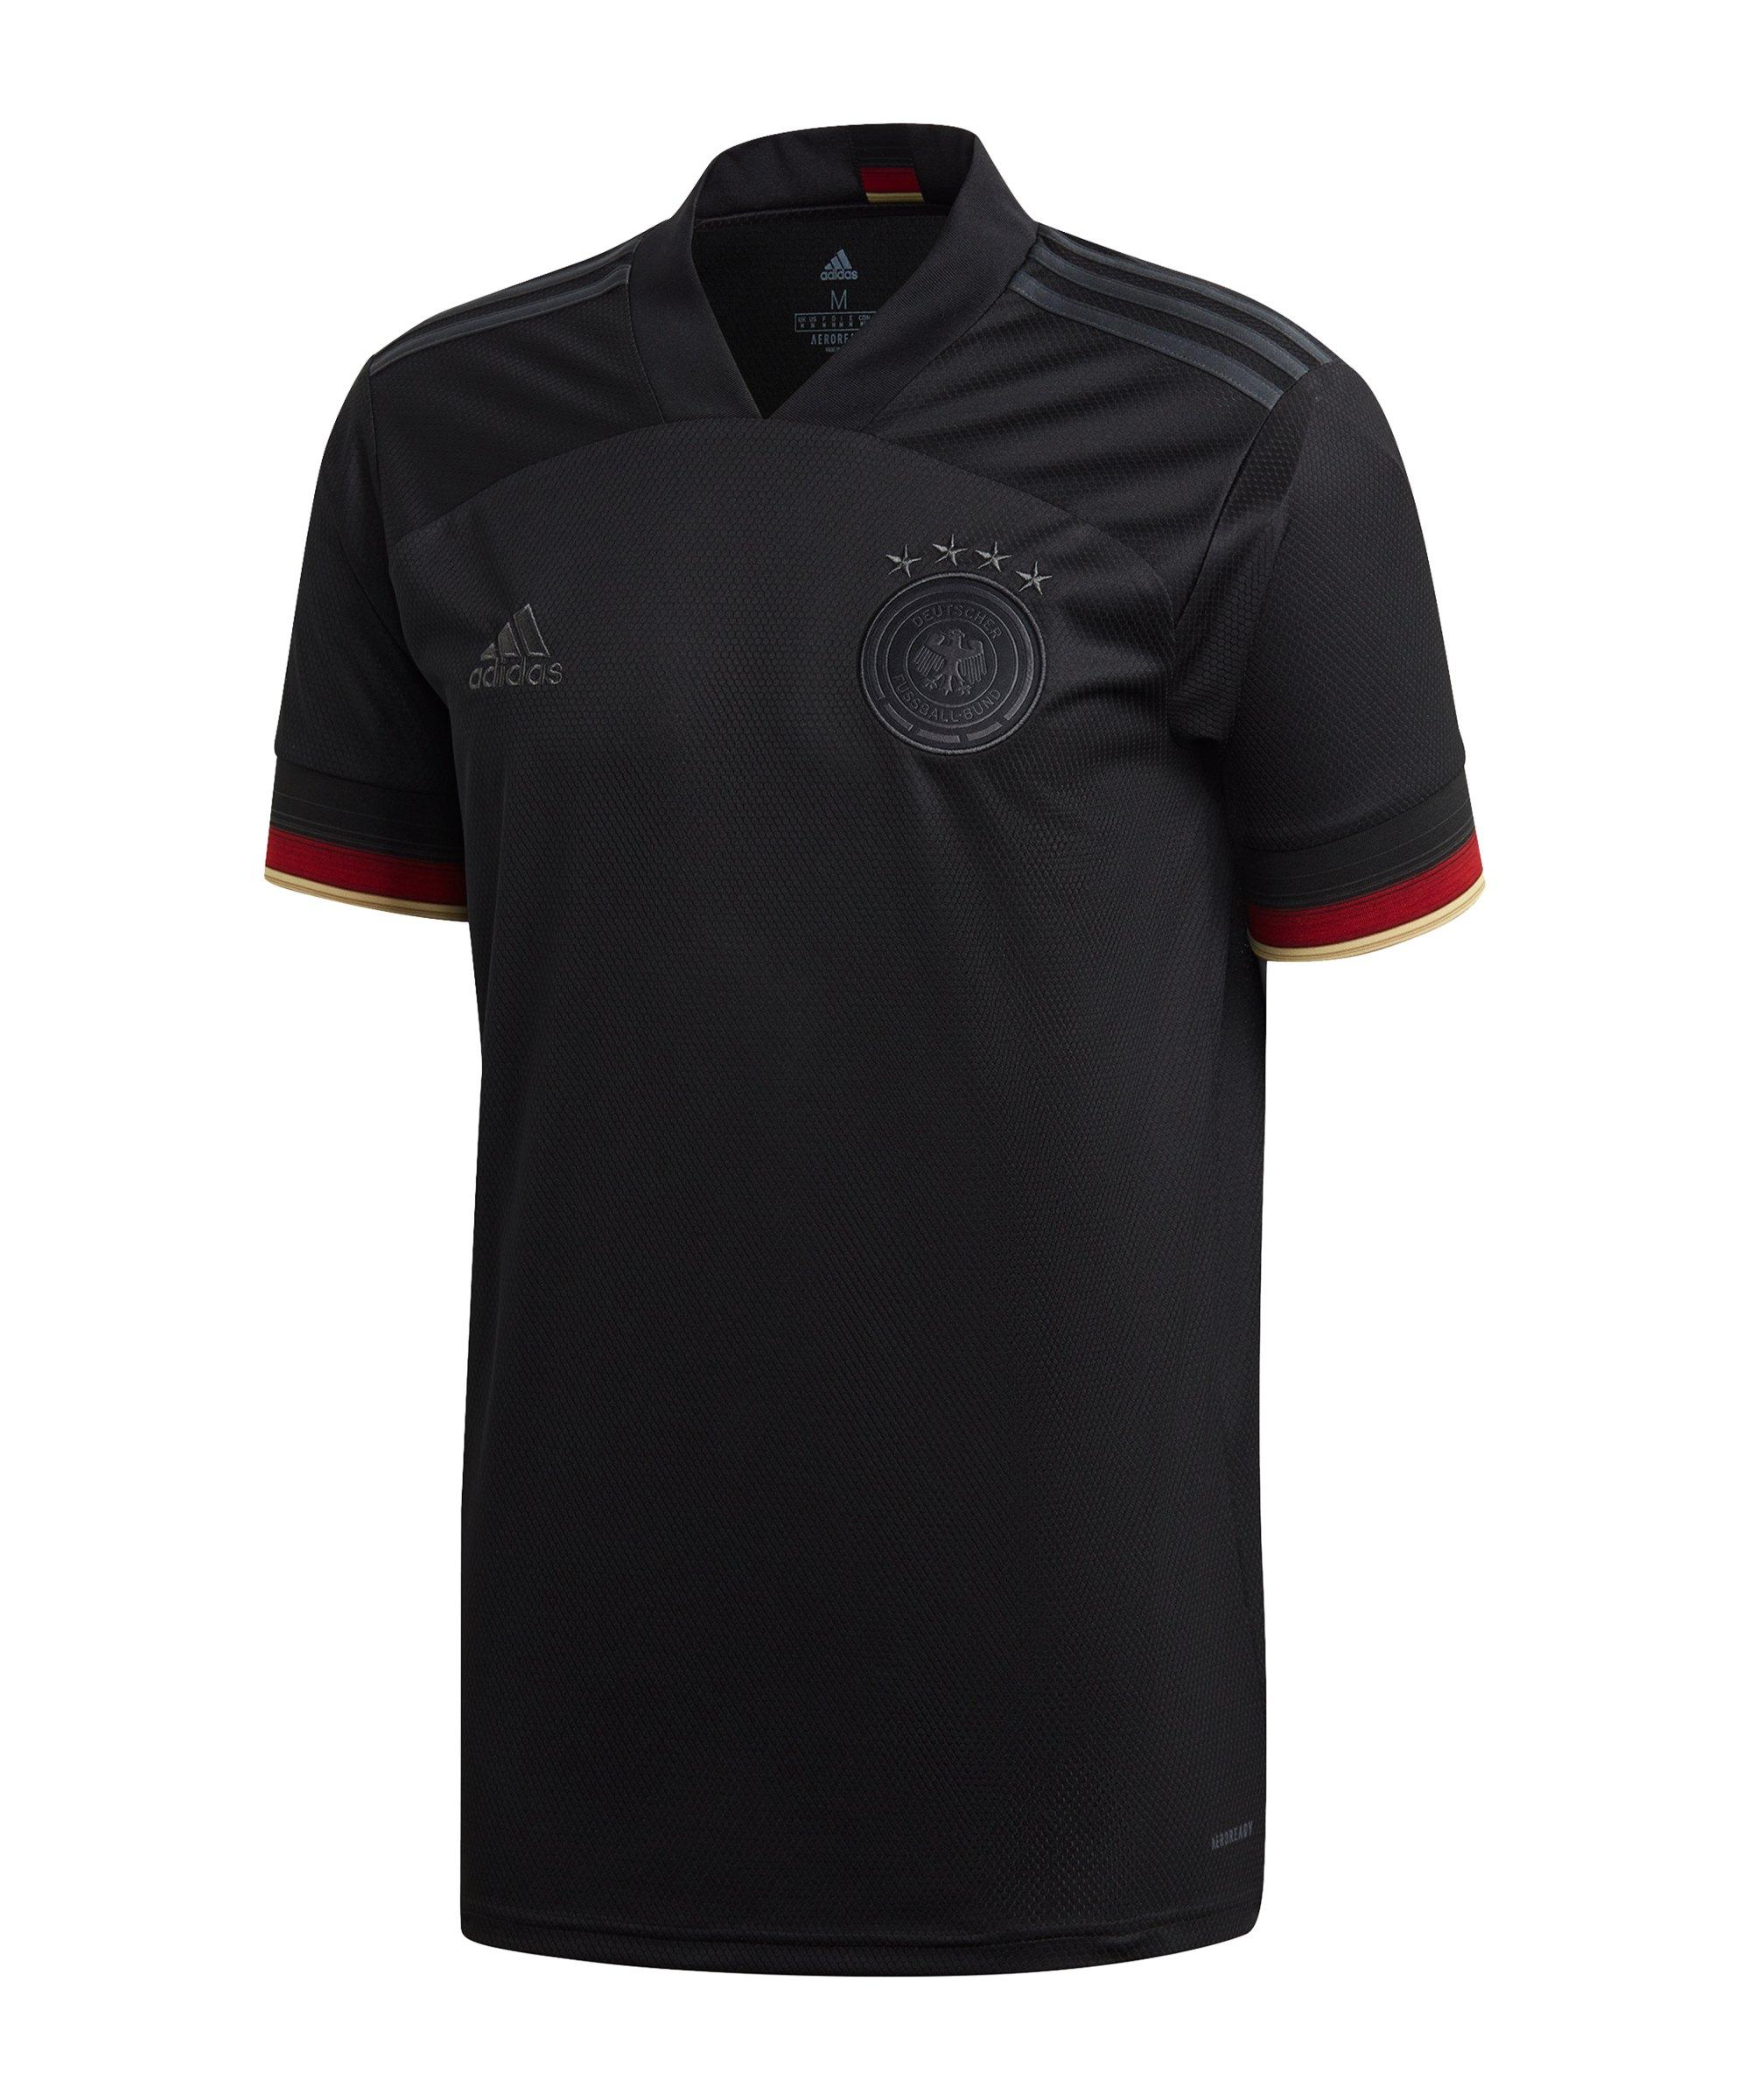 adidas DFB Deutschland Trikot Away EM 2020 Schwarz - schwarz